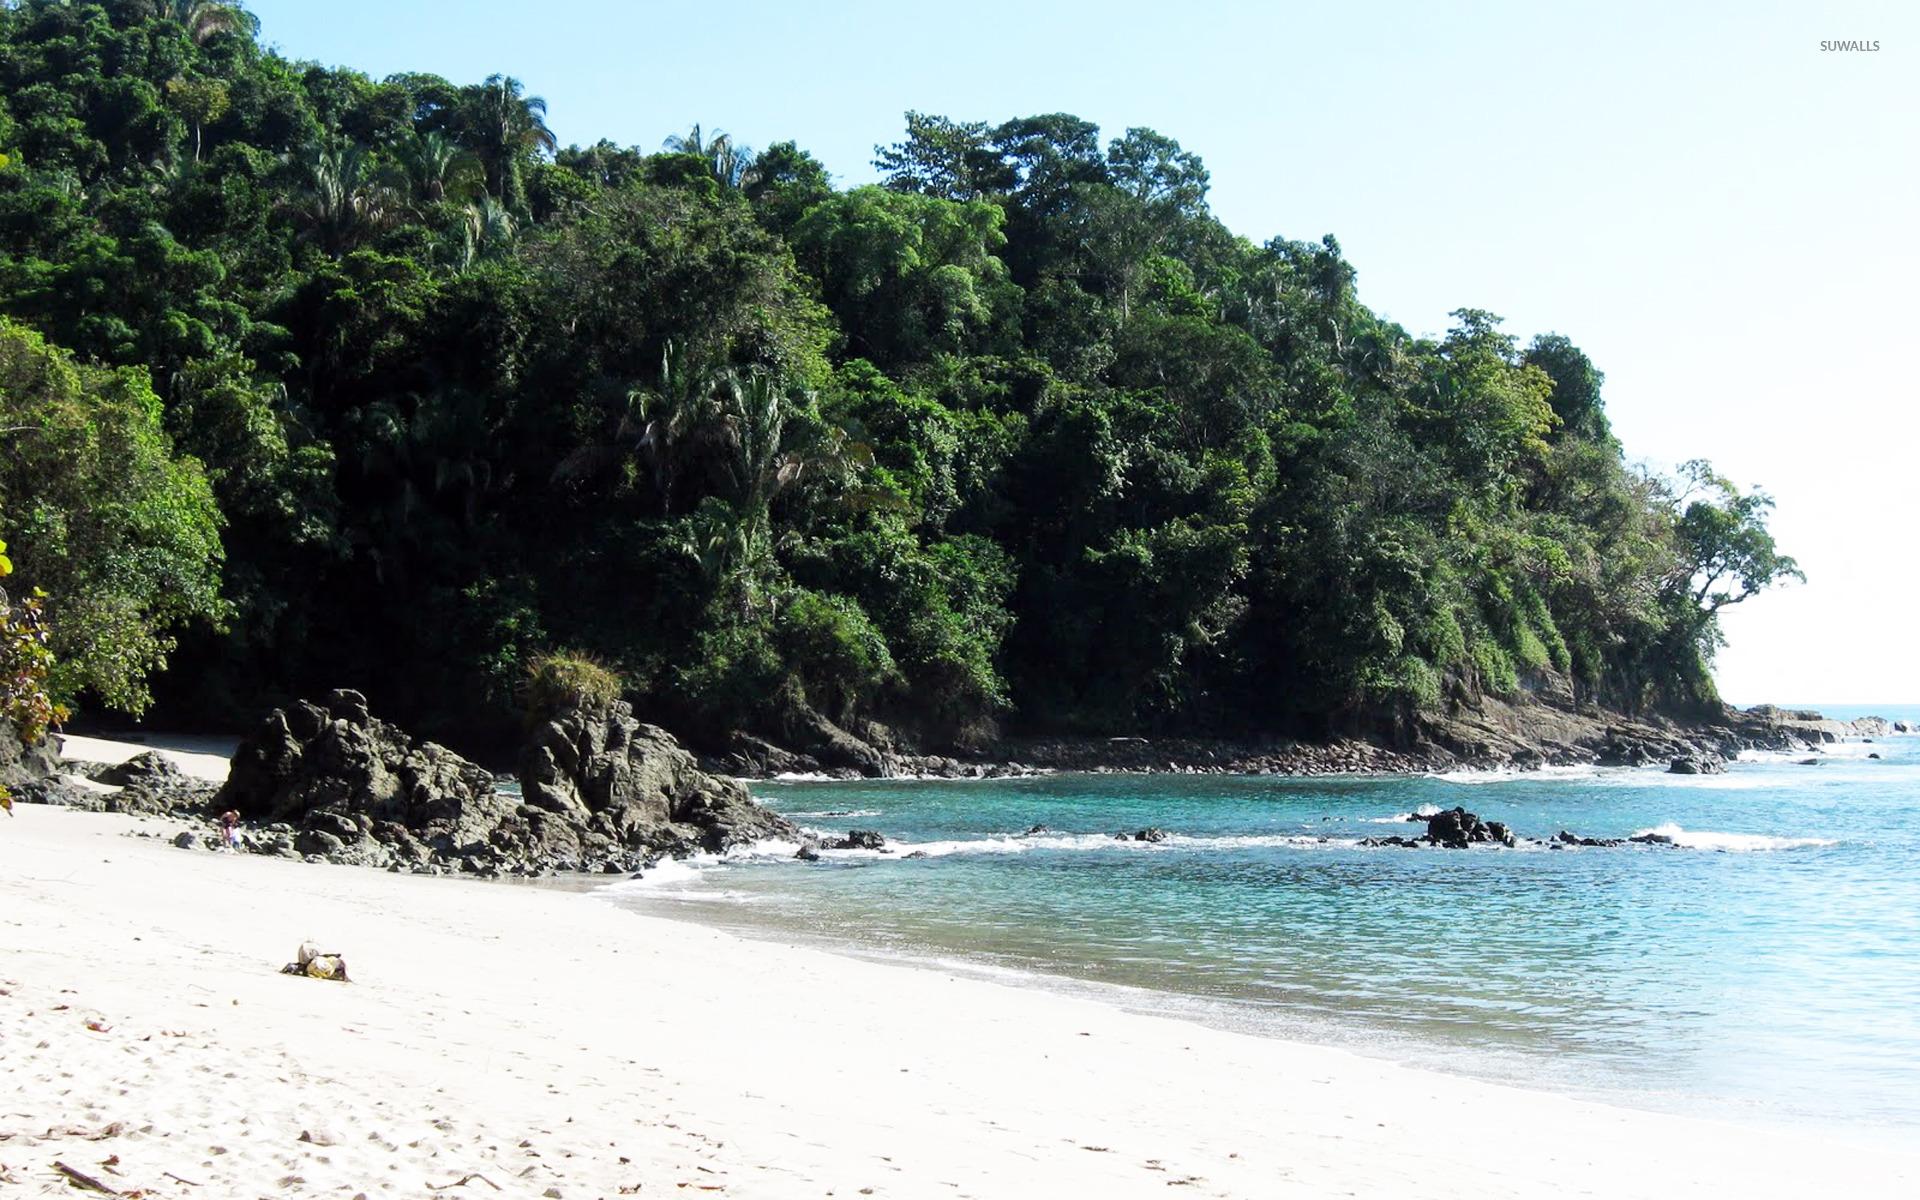 Costa Rica Wallpaper Beach Wallpapers 14023